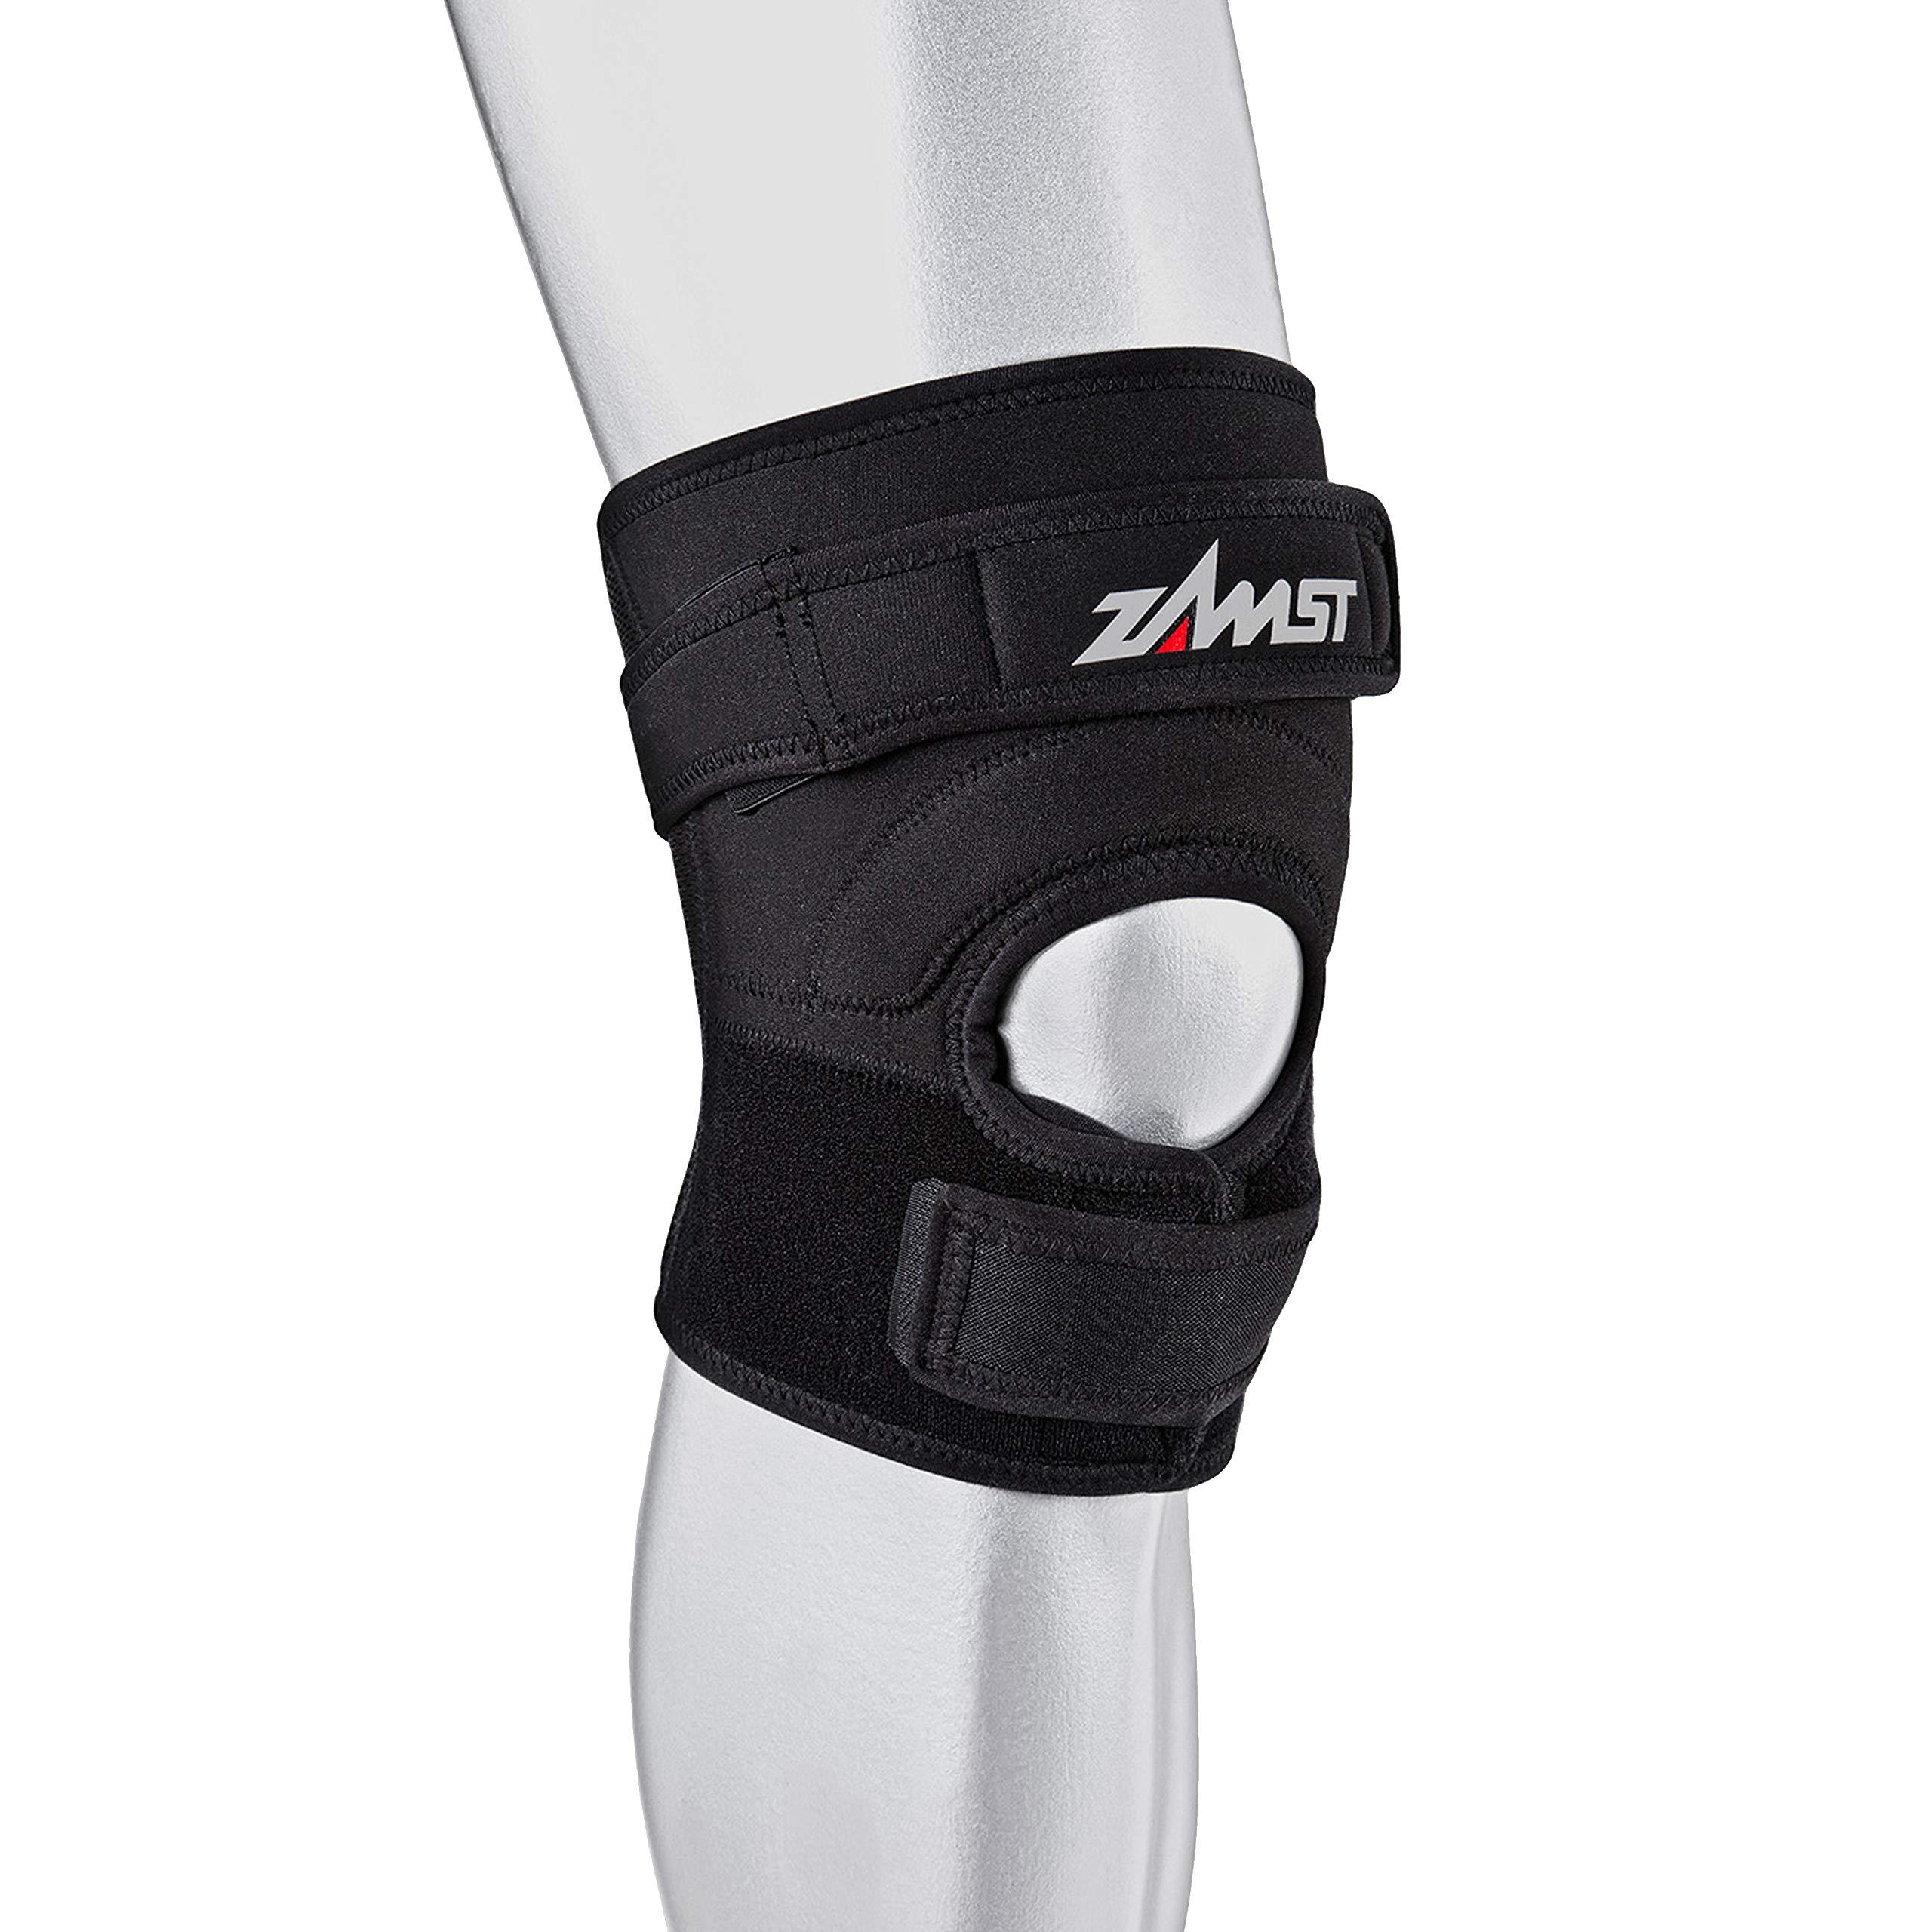 Zamst JK-2 Knee Brace, Medium by Zamst